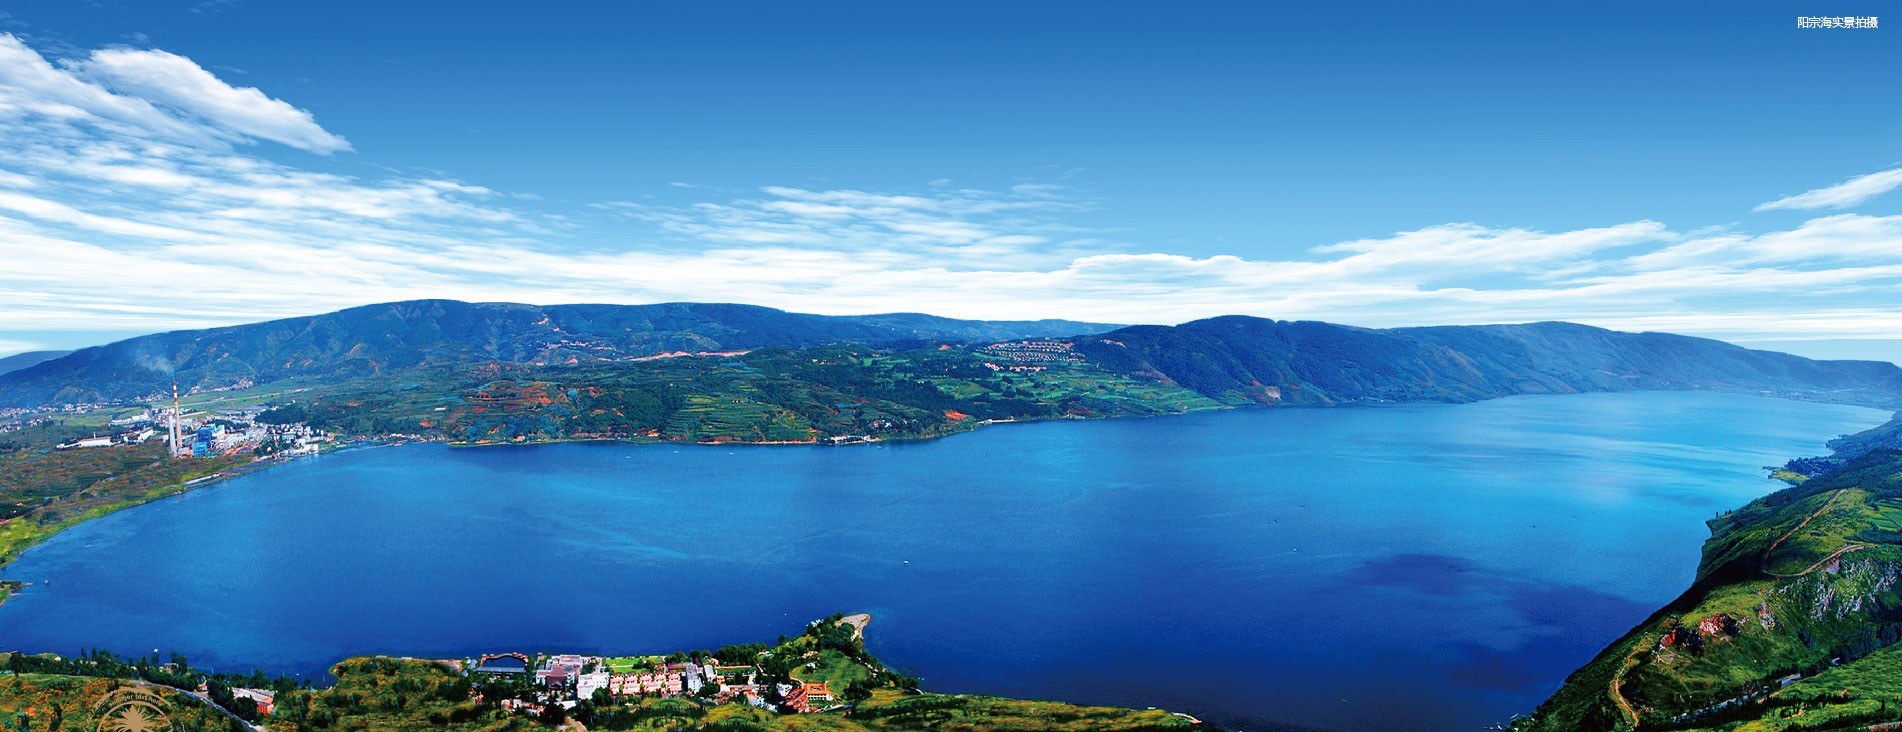 山水湖畔实景图